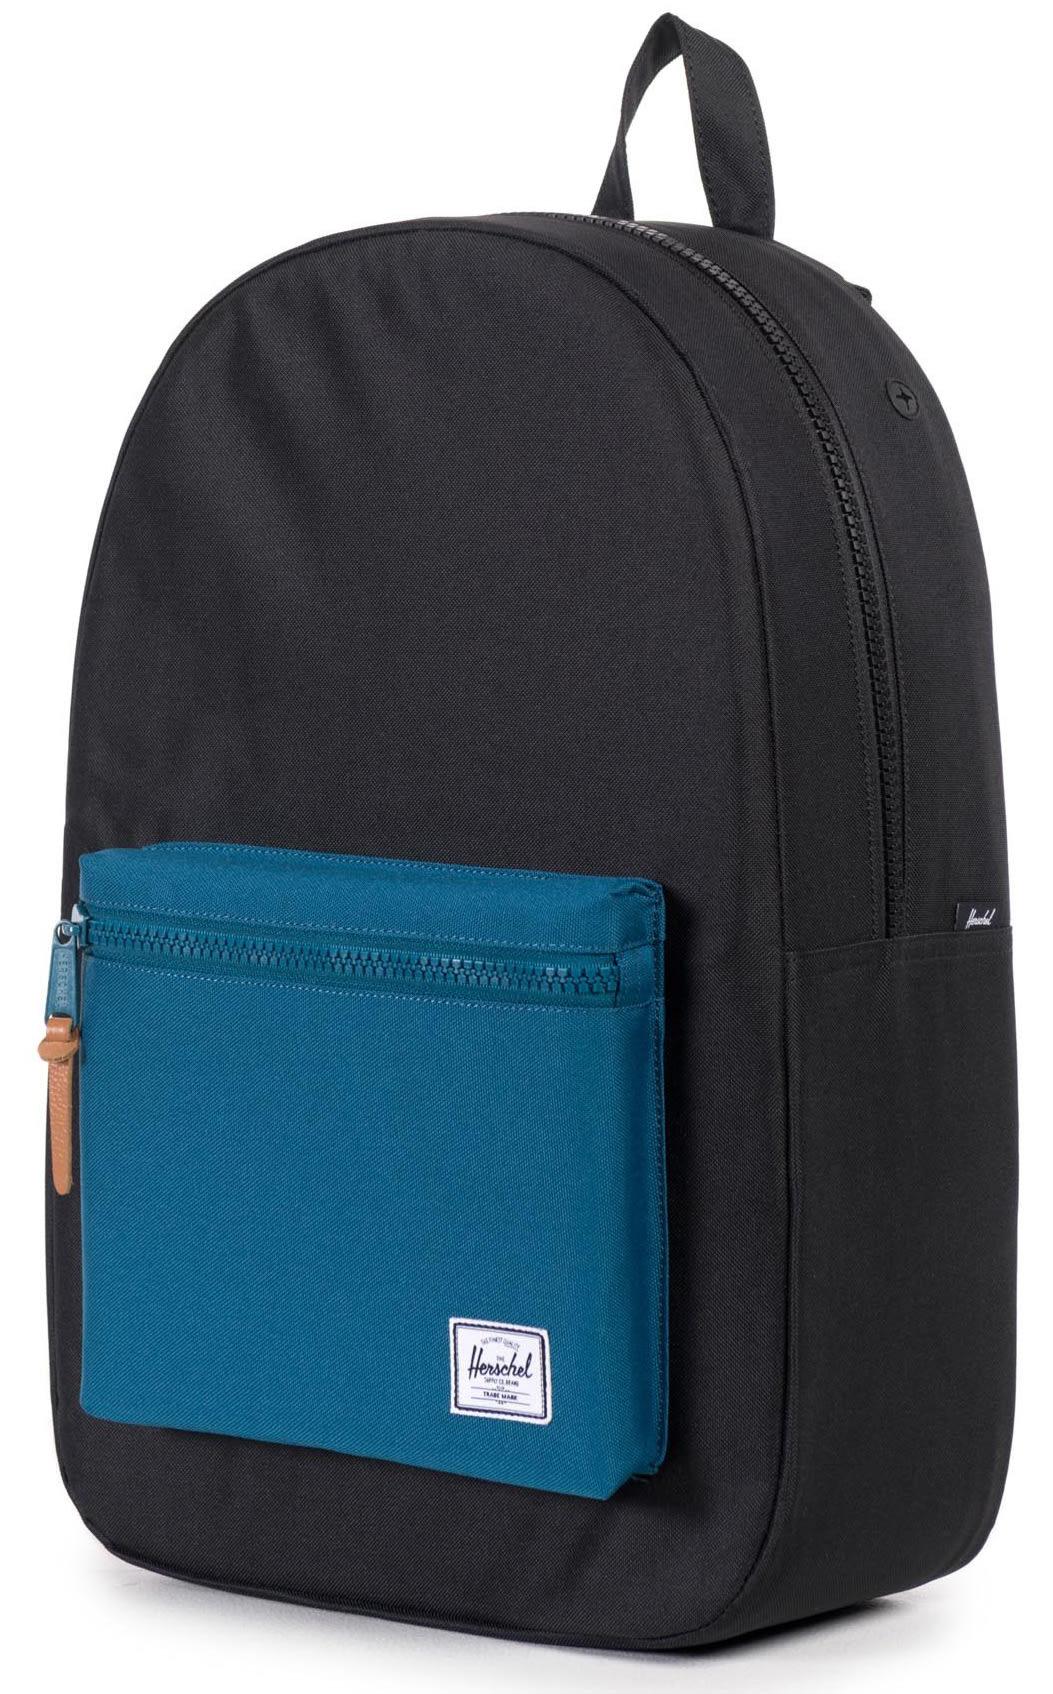 on sale herschel settlement backpack up to 45 off. Black Bedroom Furniture Sets. Home Design Ideas